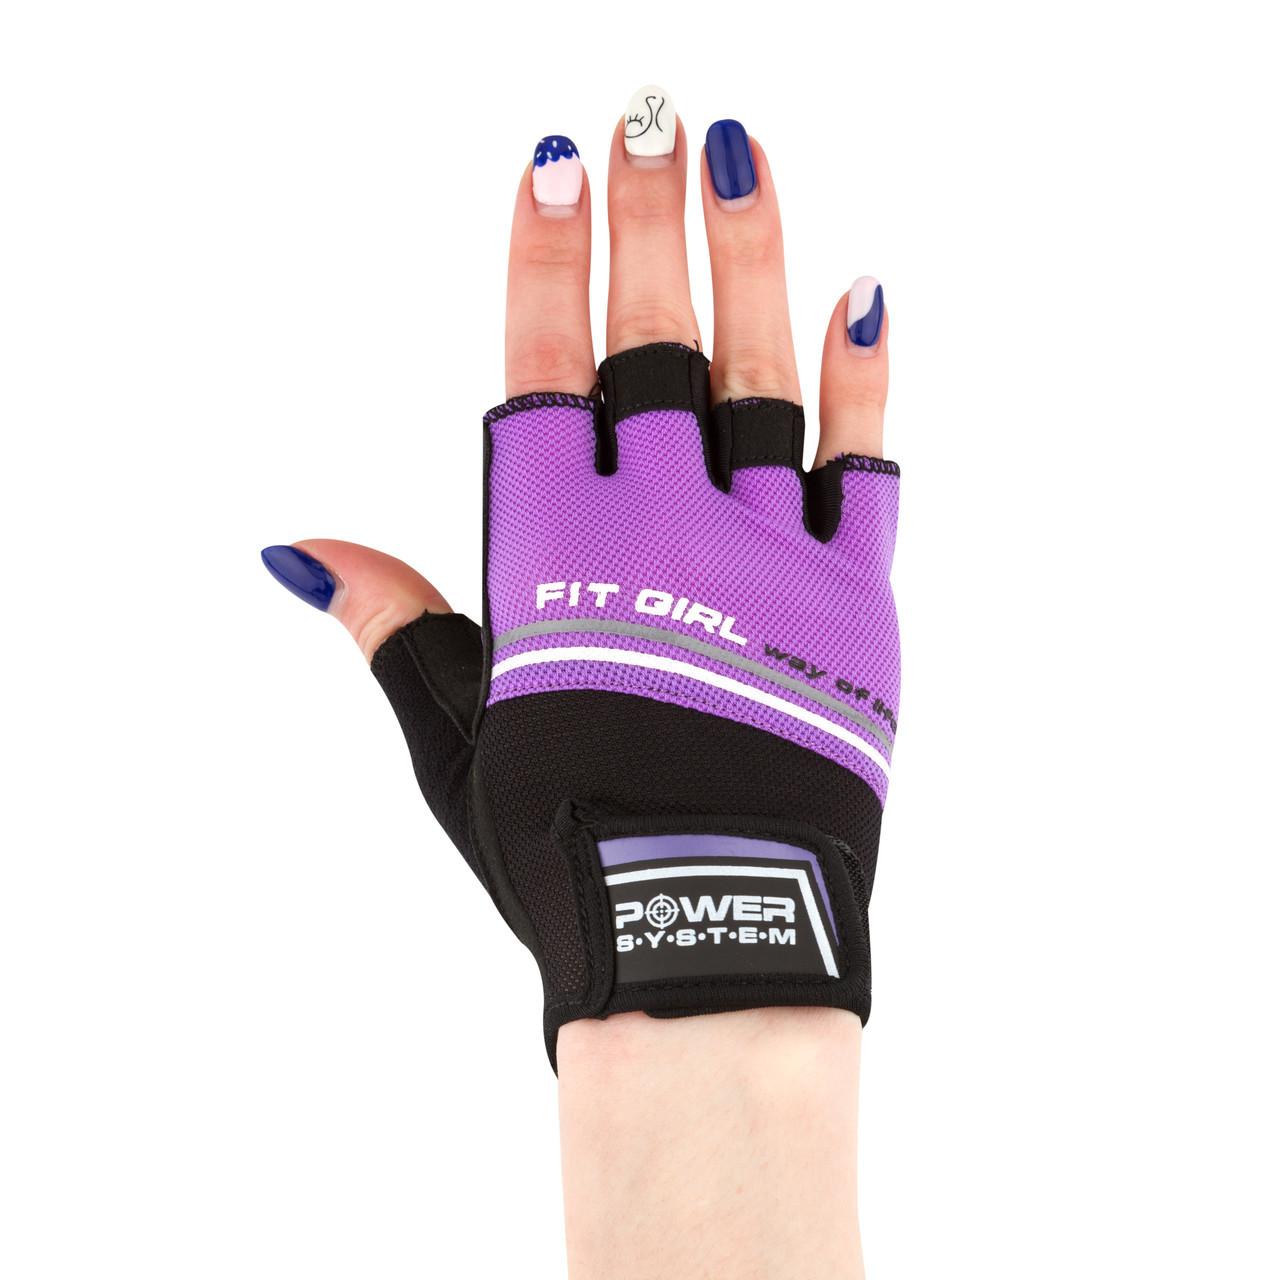 Рукавички для фітнесу і важкої атлетики Power System Fit Girl Evo PS-2920 Purple M